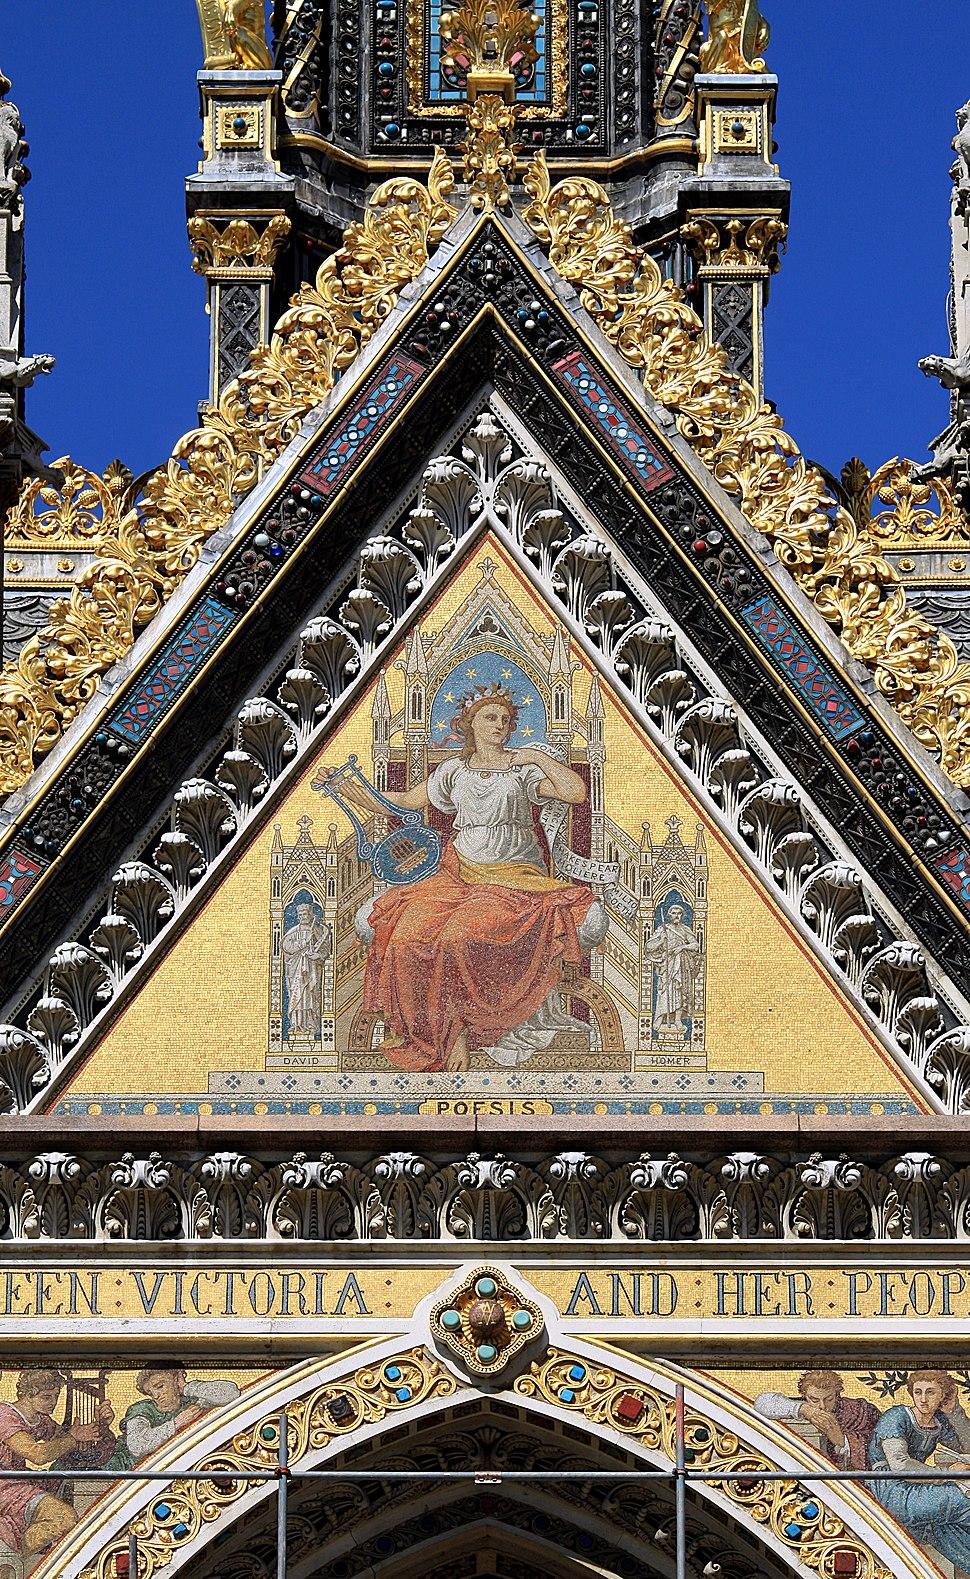 Mosaics at Albert Memorial in London, spring 2013 (6)